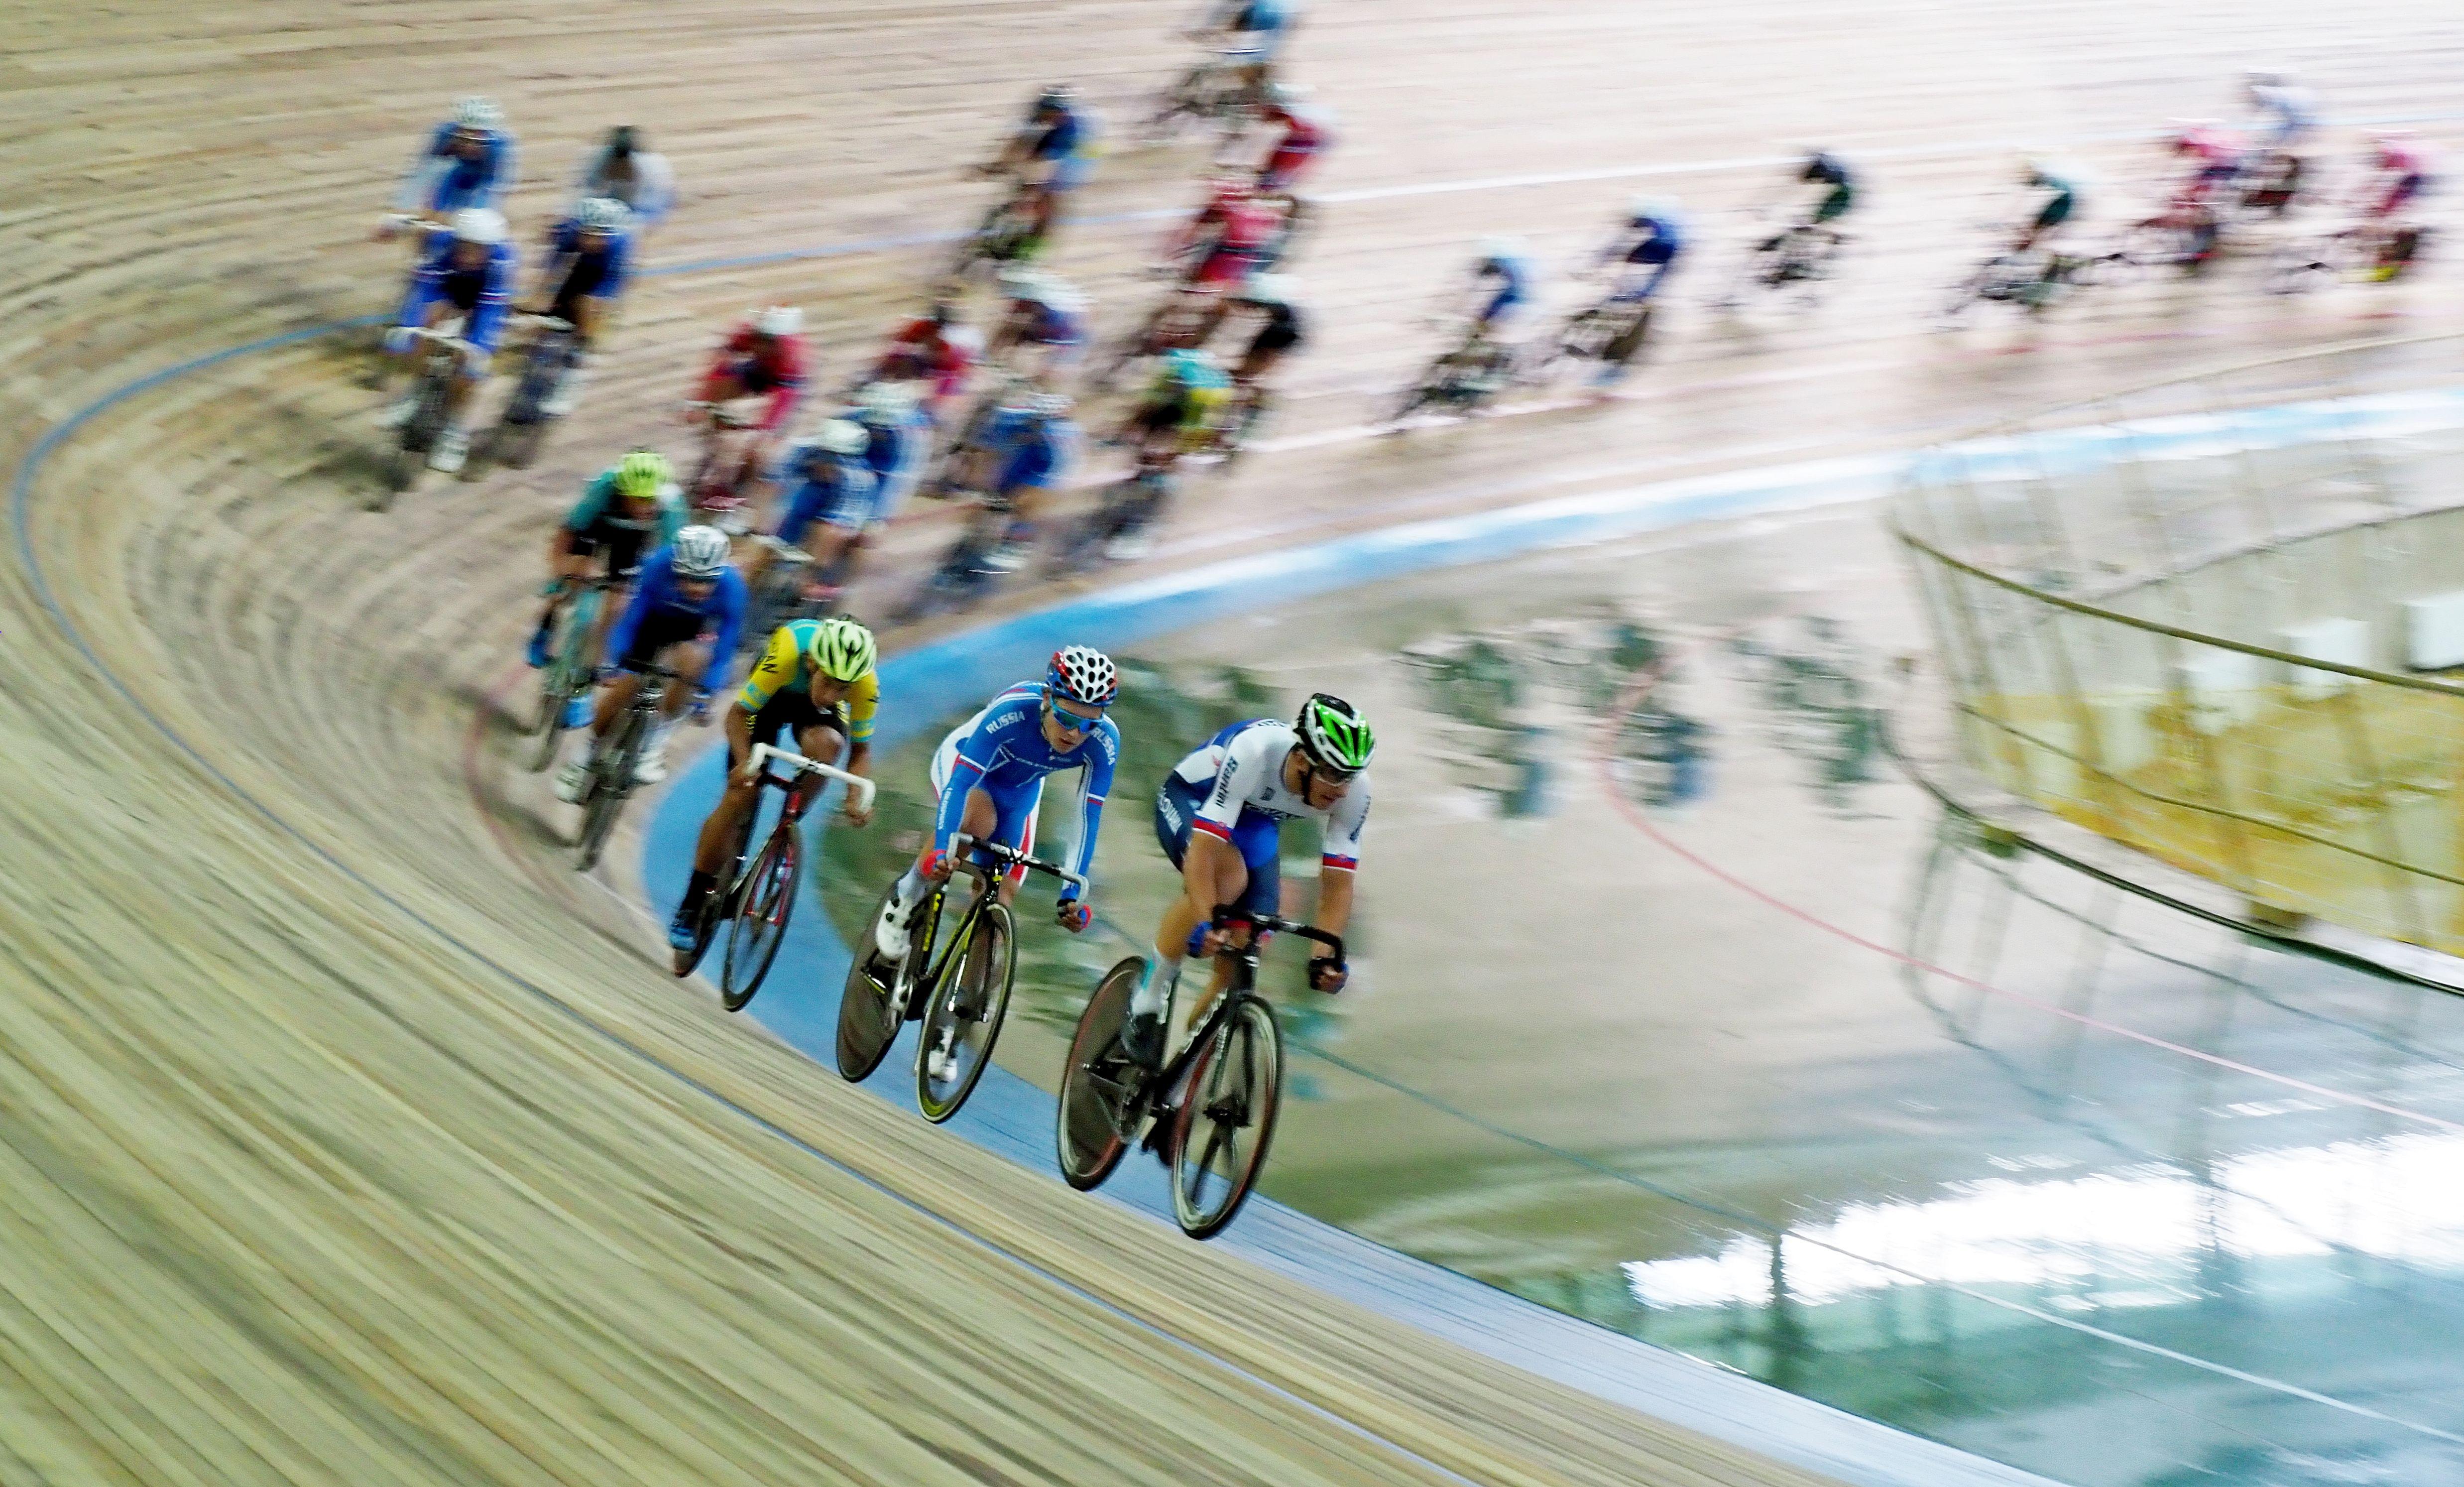 Спортсмены из Краснопахорского выступят на соревнованиях по велоспорту в Латвии